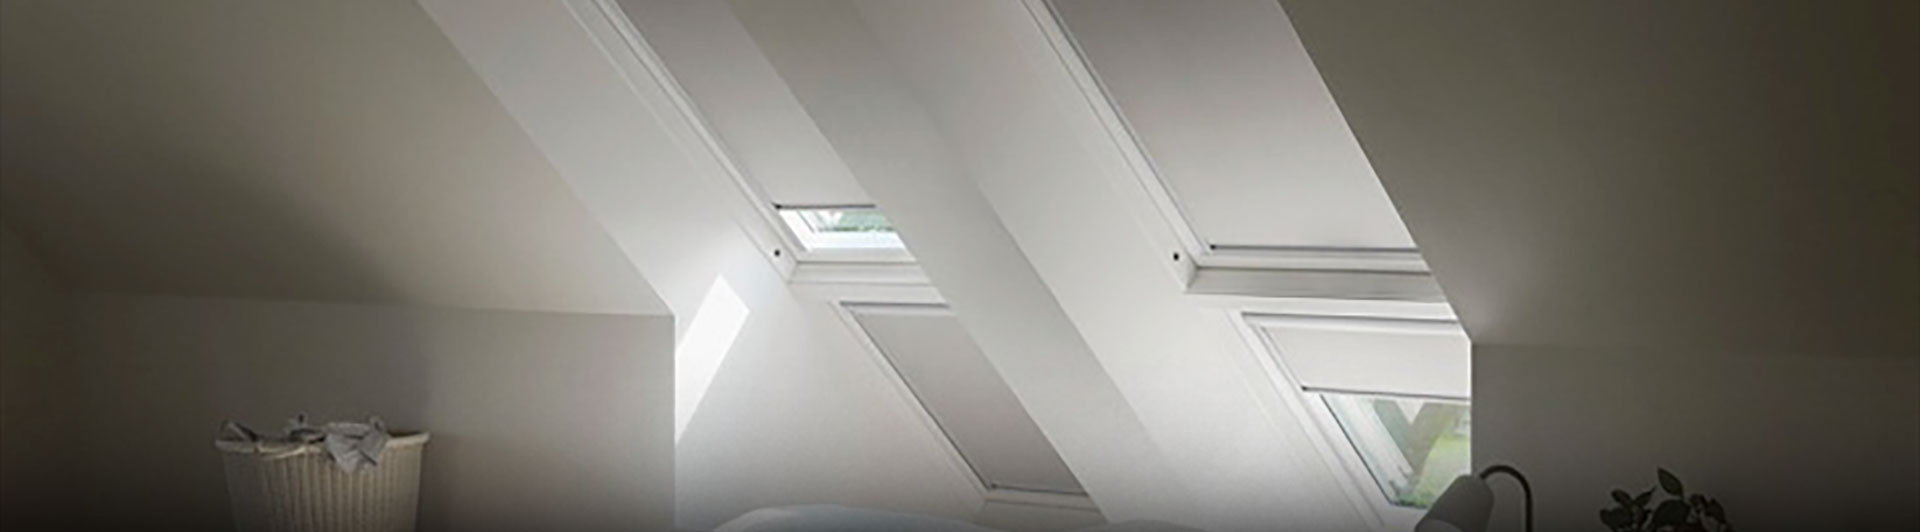 Dachfensterbeschattung